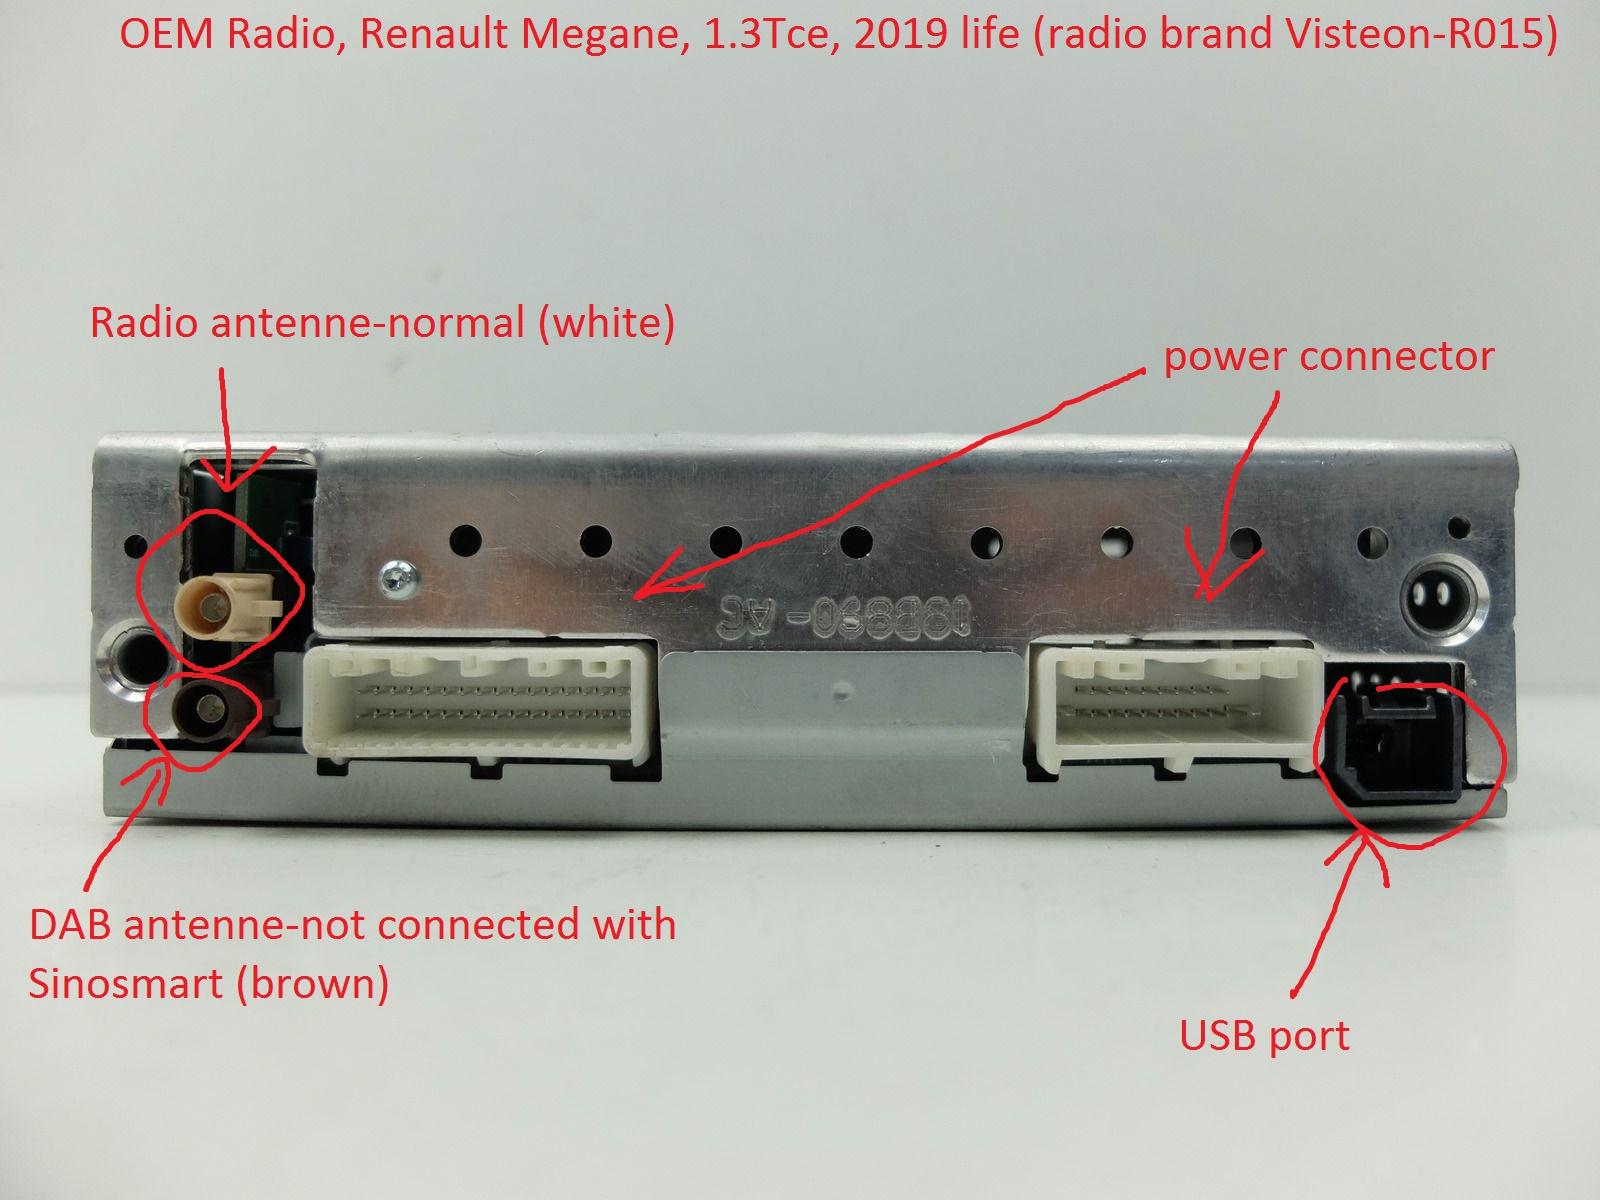 OEM radio.jpg